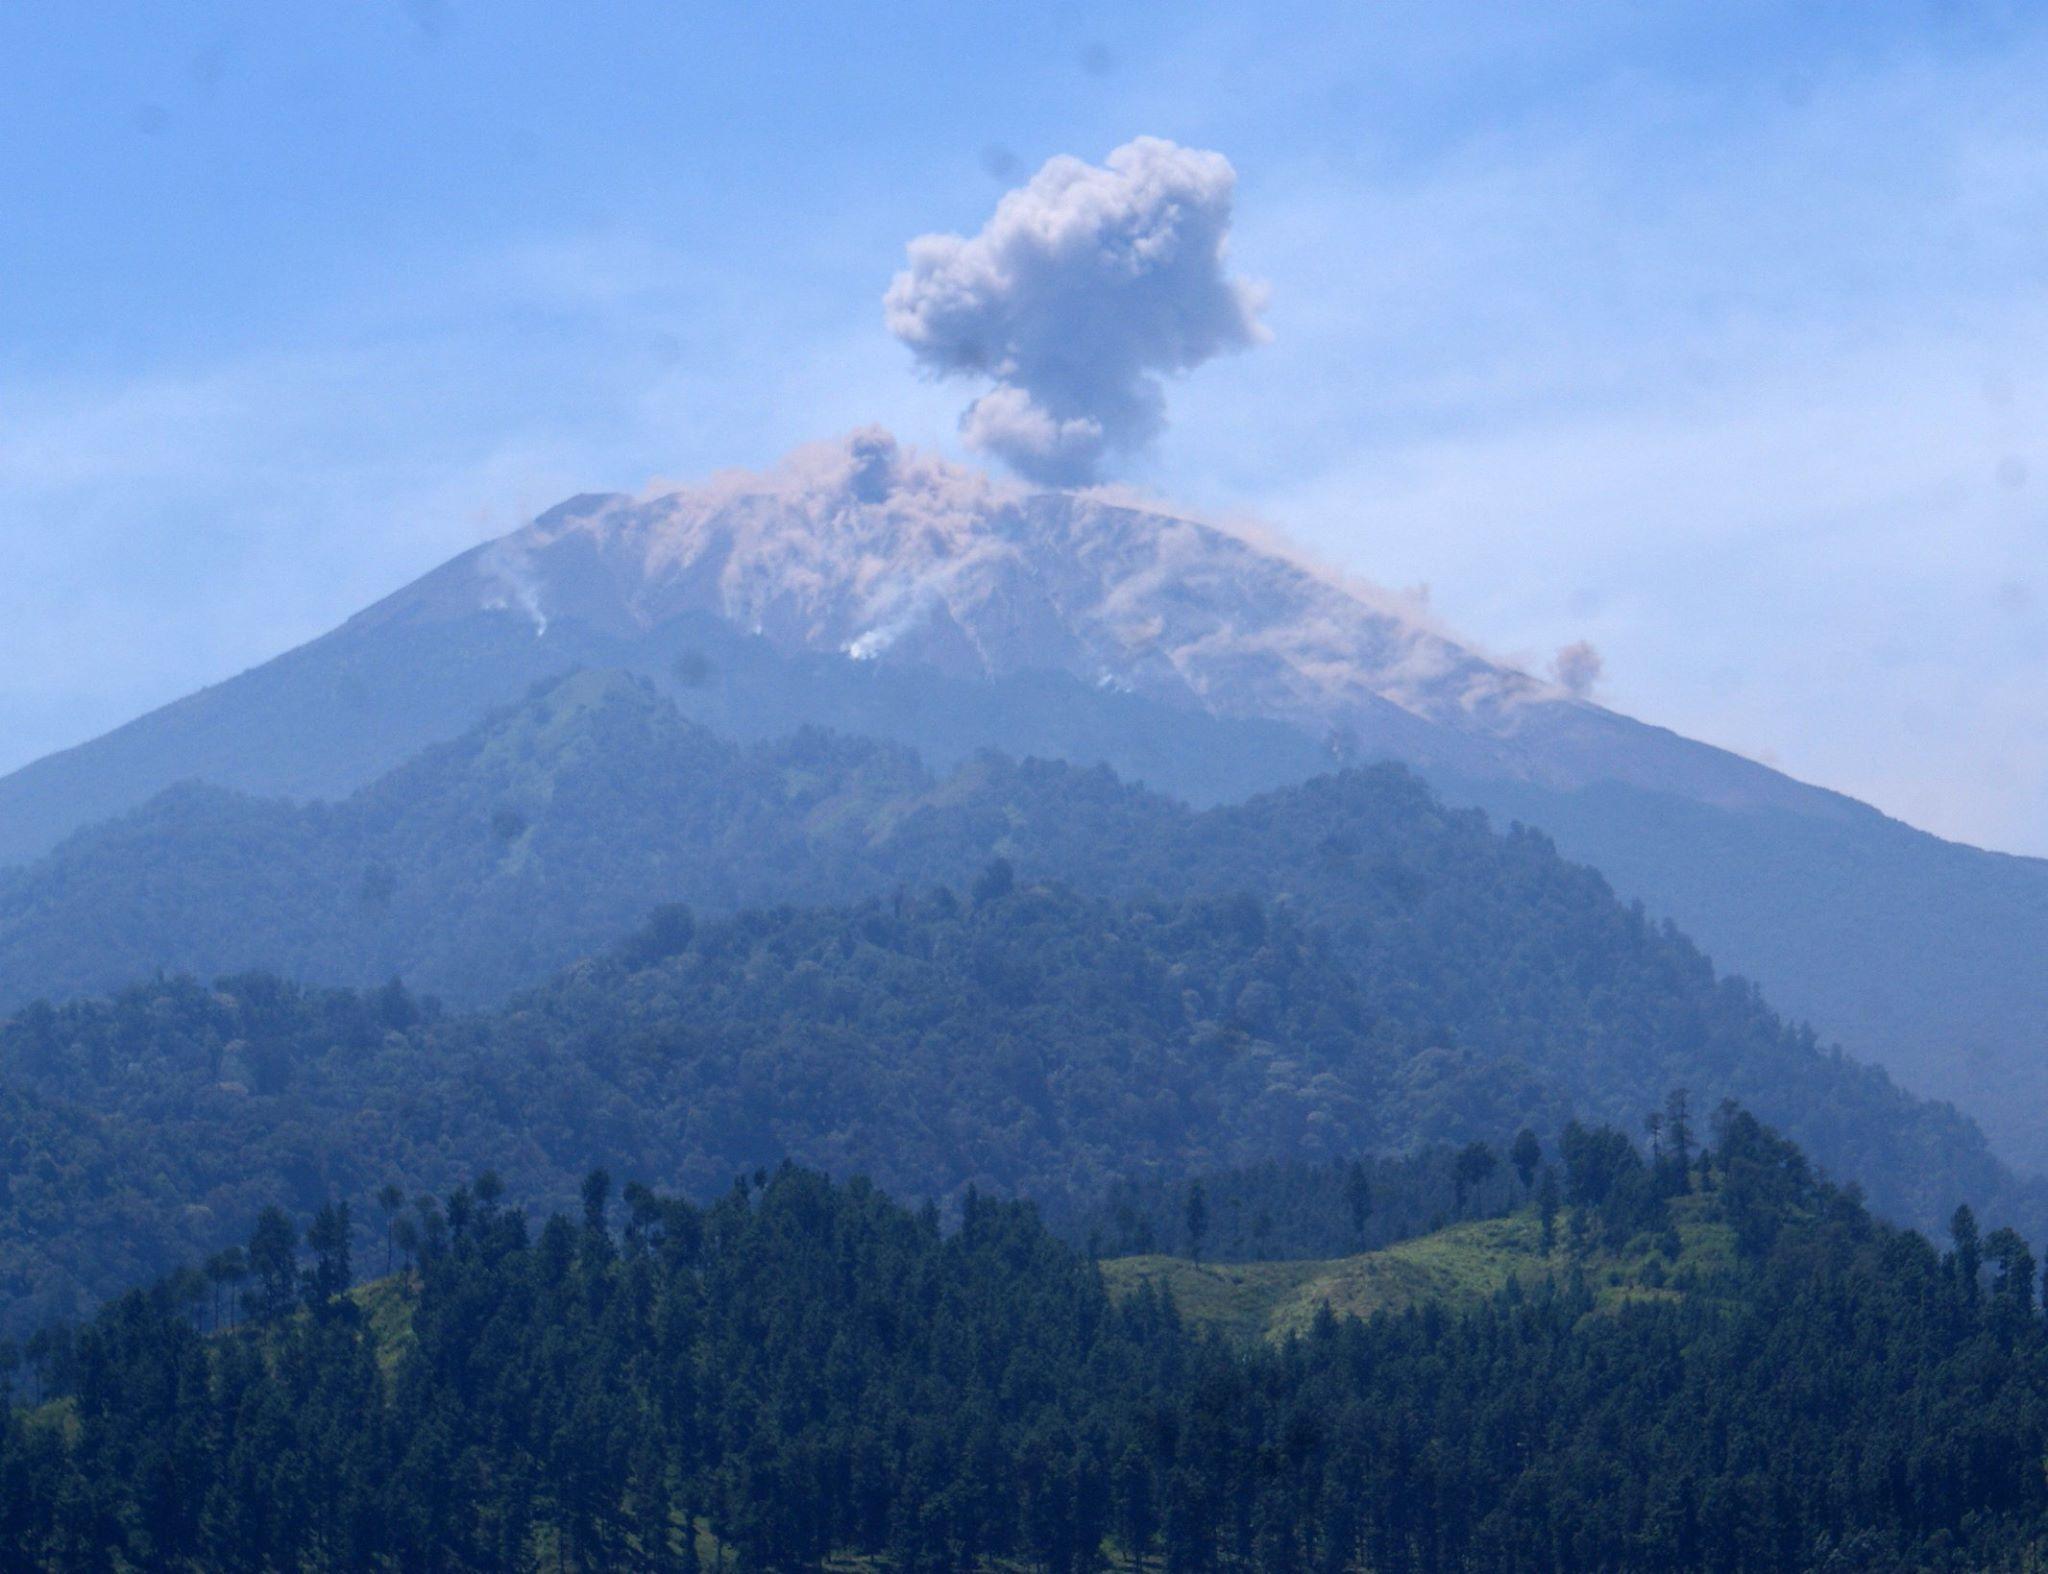 gunung slamet mountaineering volcano world